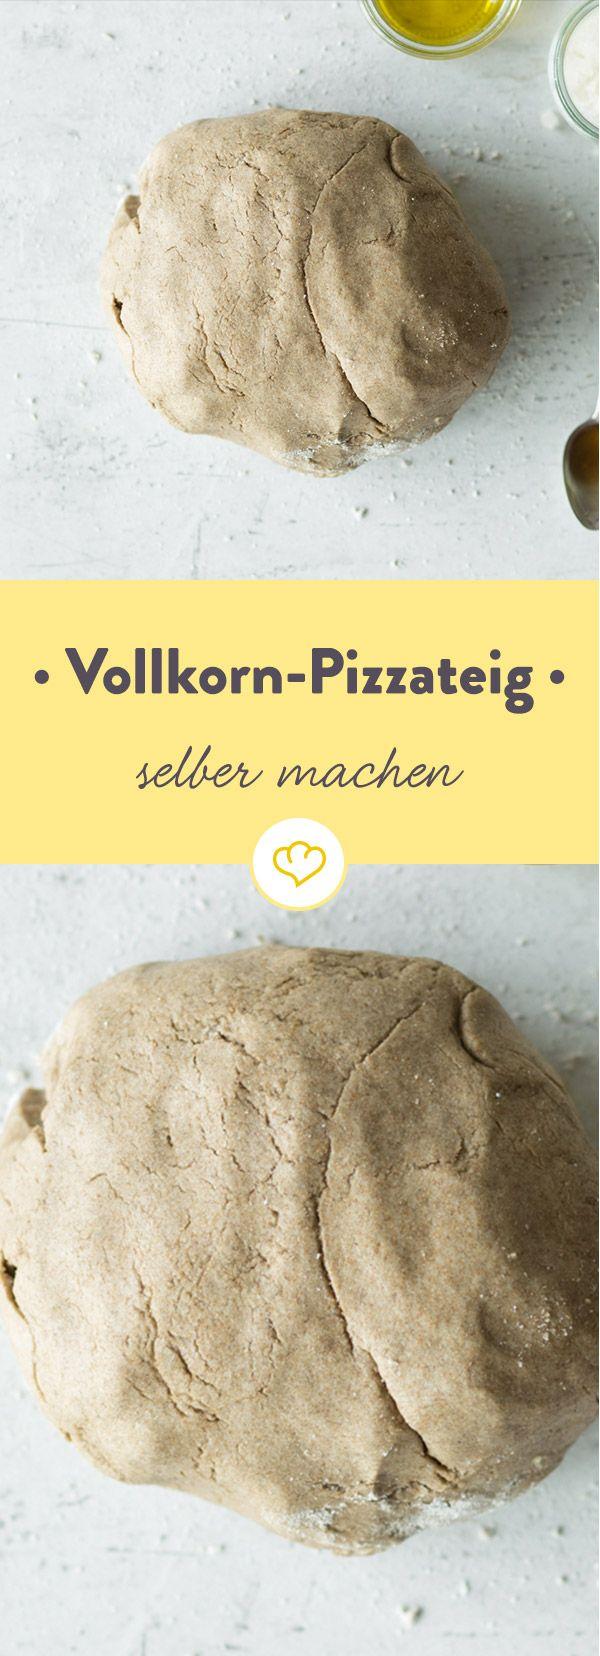 Photo of Vollkorn-Pizzateig mit Trockenhefe: die Pizzabasis zum Selbermachen